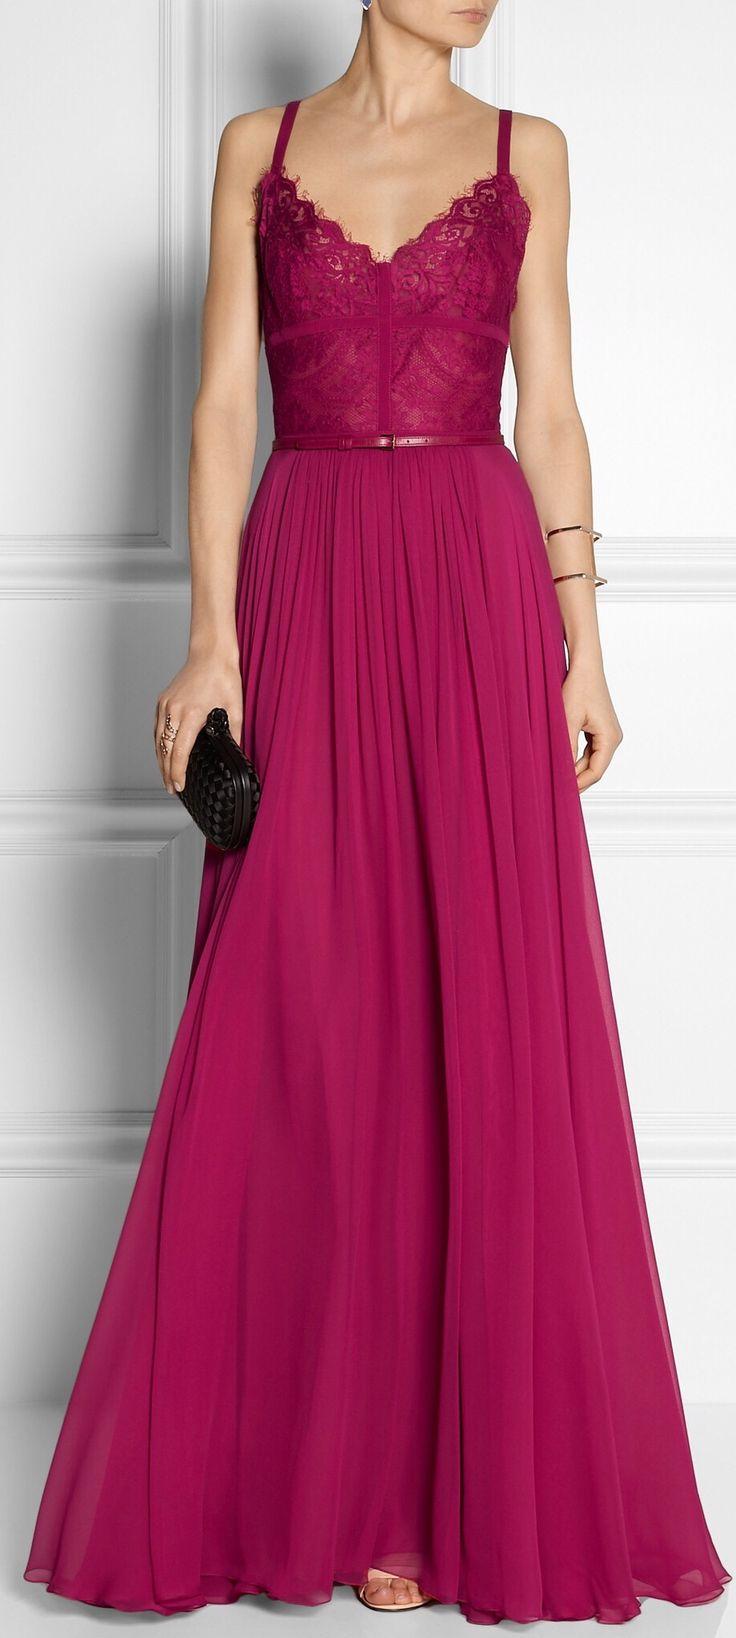 Los vestidos largos se pueden acompañar con una chalina de tejido burdo en color…